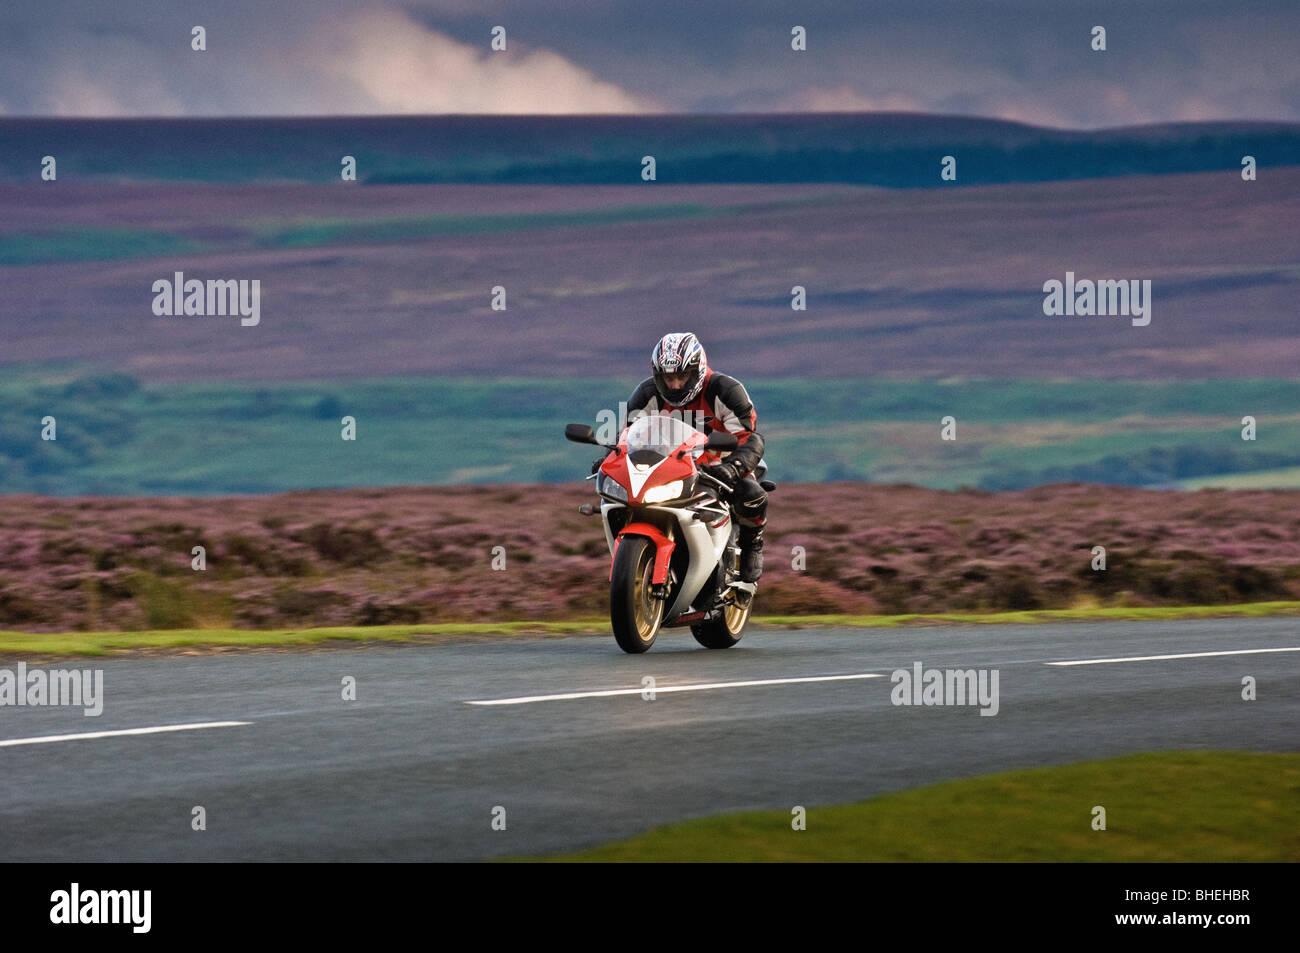 Moto et rider sur route dans le North Yorkshire Moors, UK Photo Stock